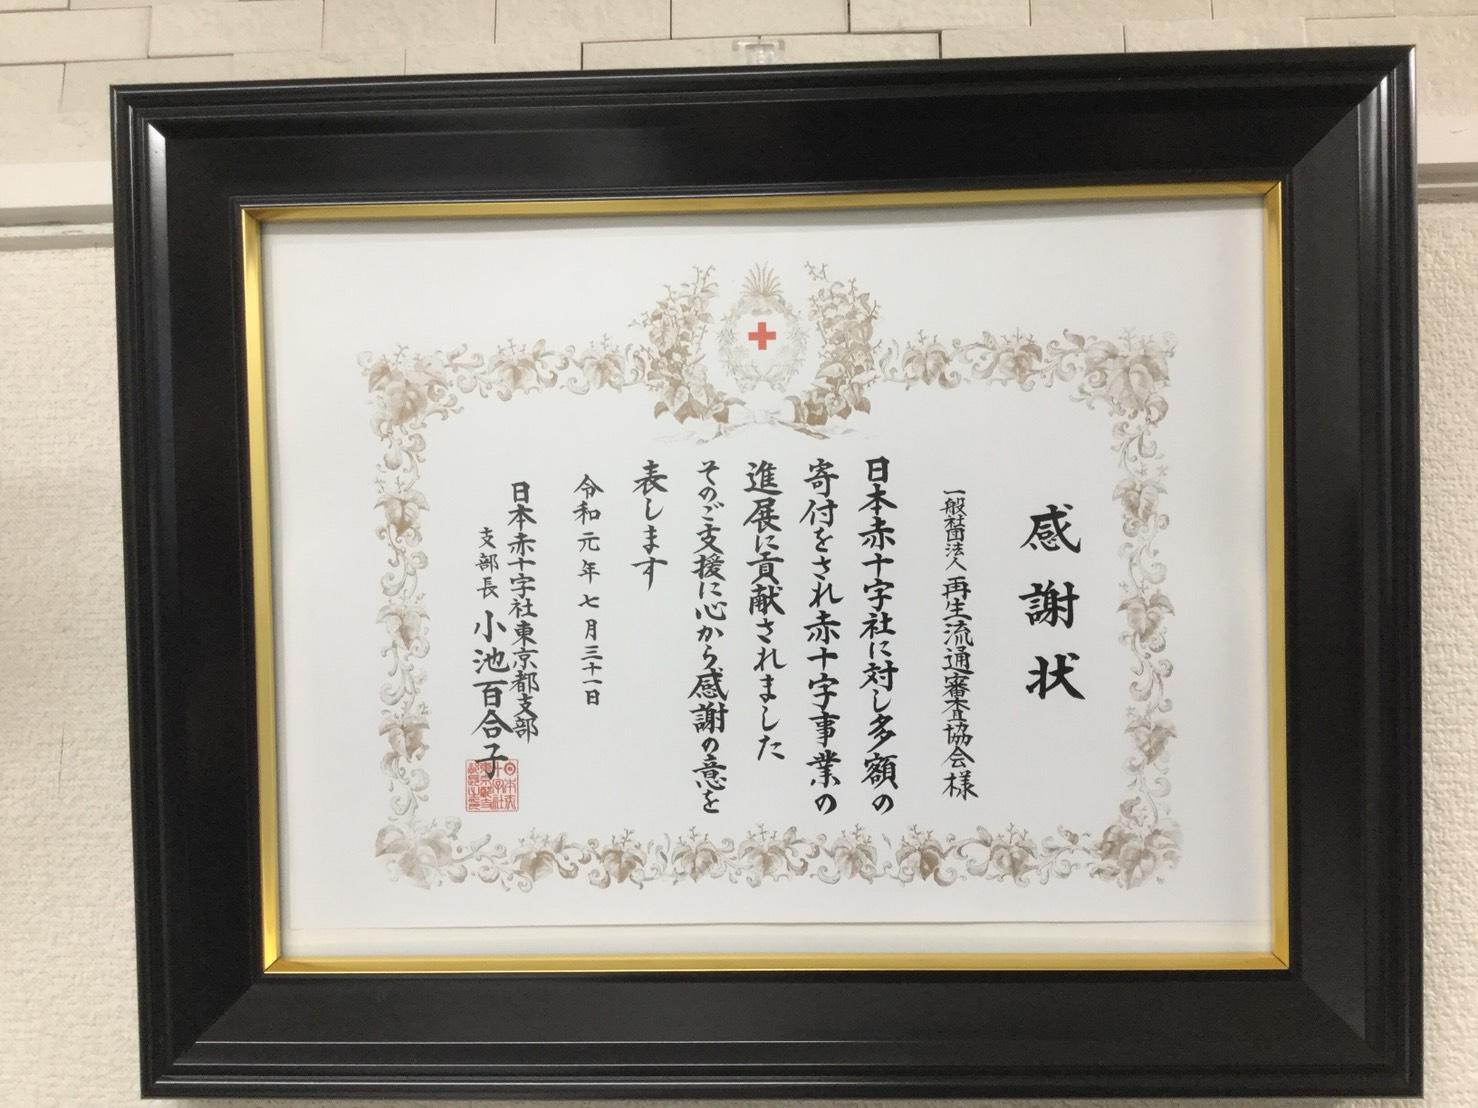 7月に日本赤十字社より感謝状を頂きました。のイメージ